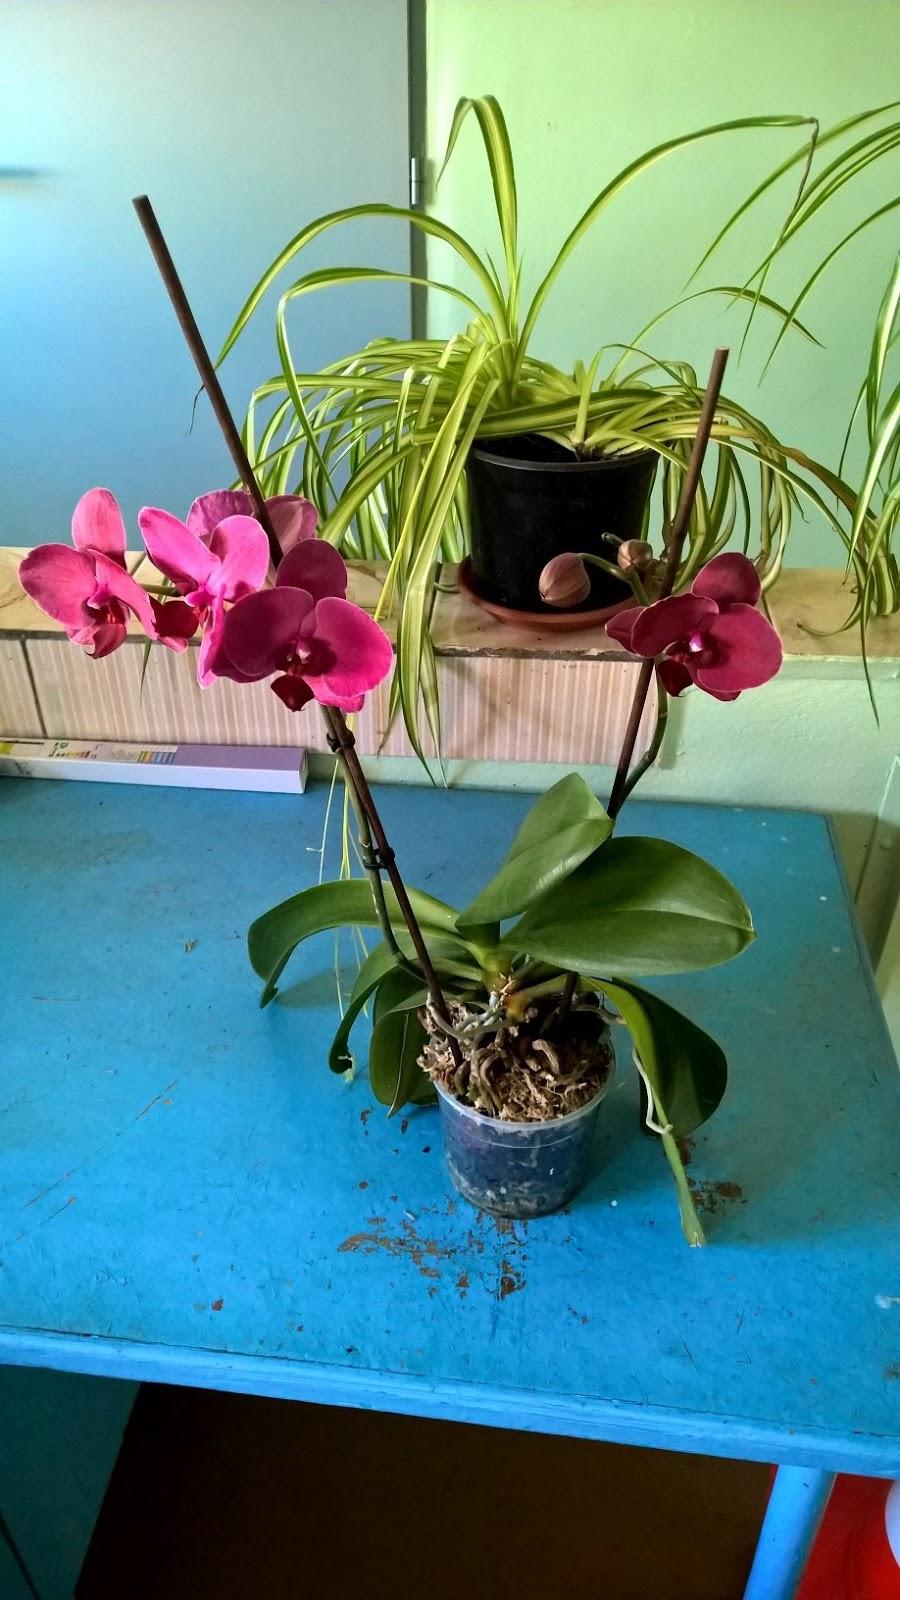 Les mains l 39 entretien des orchid es - Comment couper la tige d une orchidee apres floraison ...